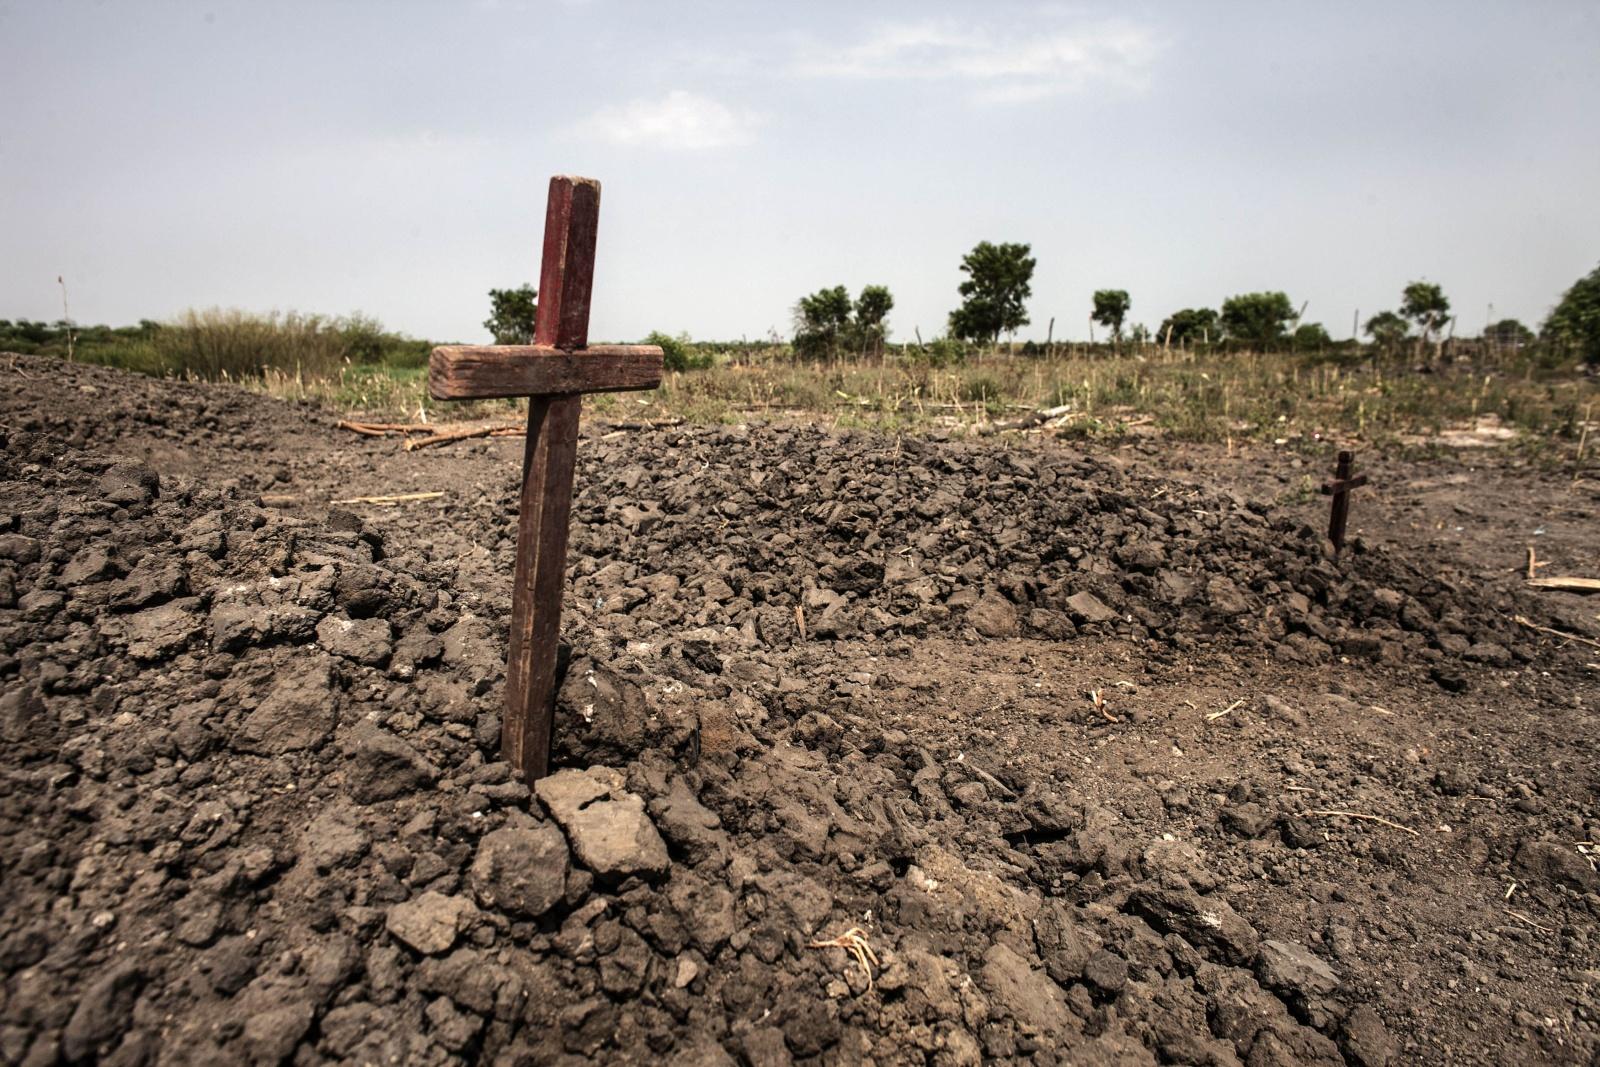 South Sudan – Ritrovamento di una fossa comune con centinaia di cadaveri nella città di Bor